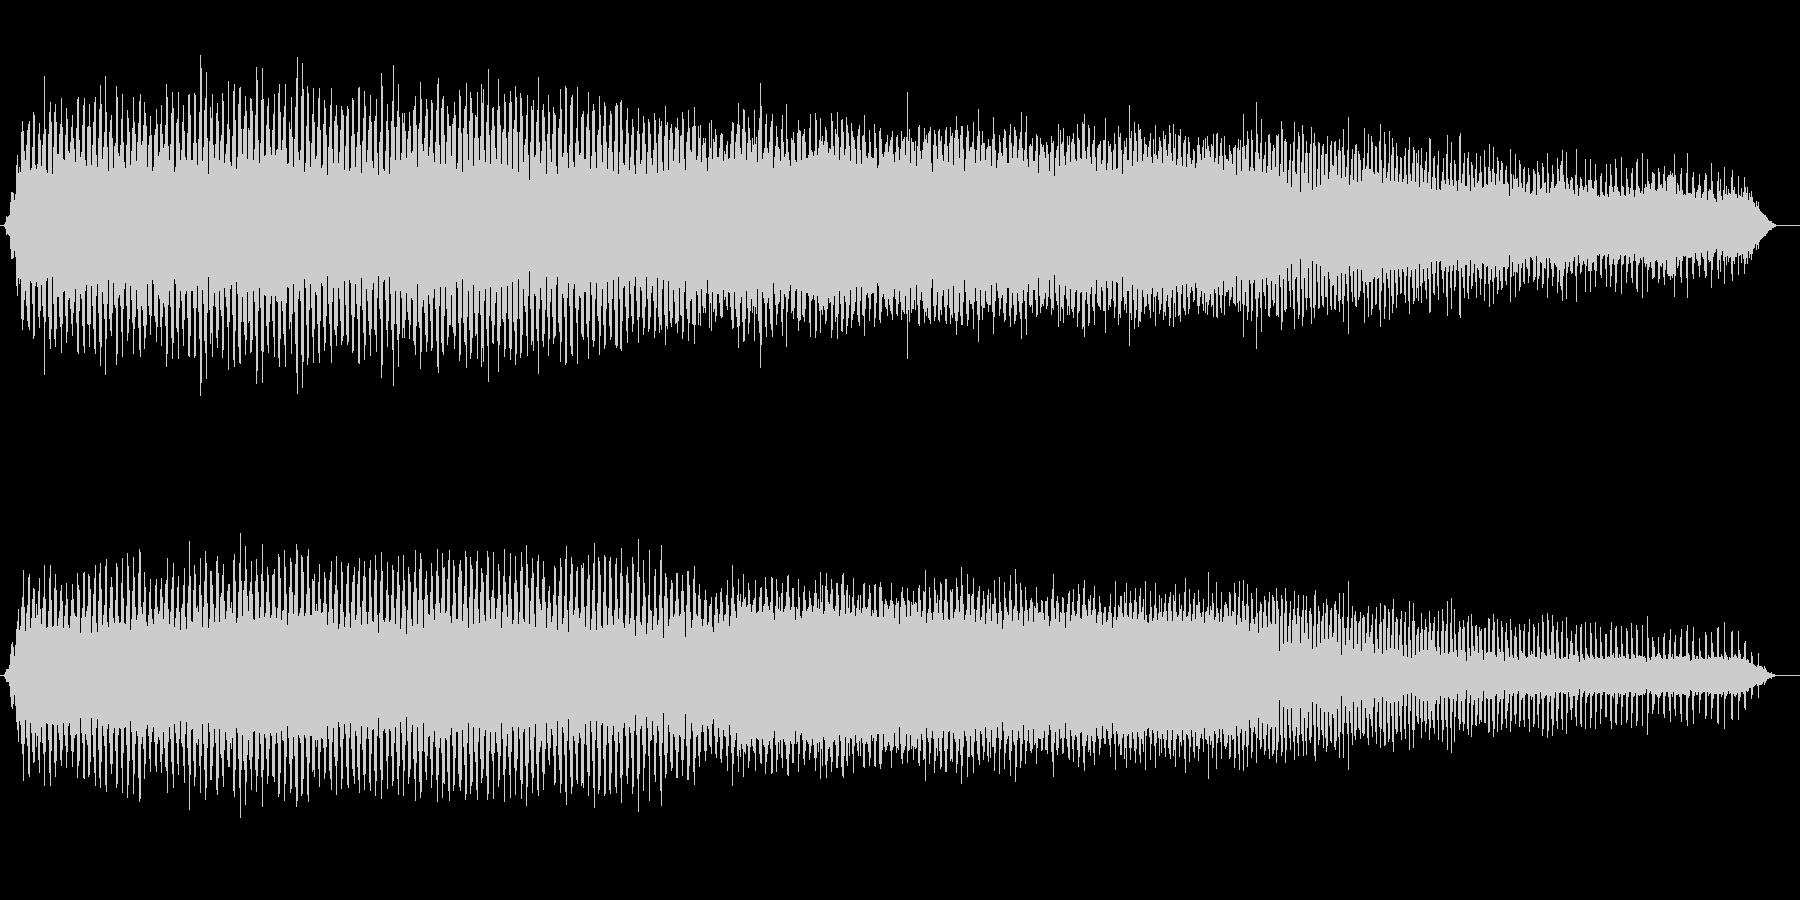 アブラゼミの鳴き声(ジリジリ、夏、午後)の未再生の波形